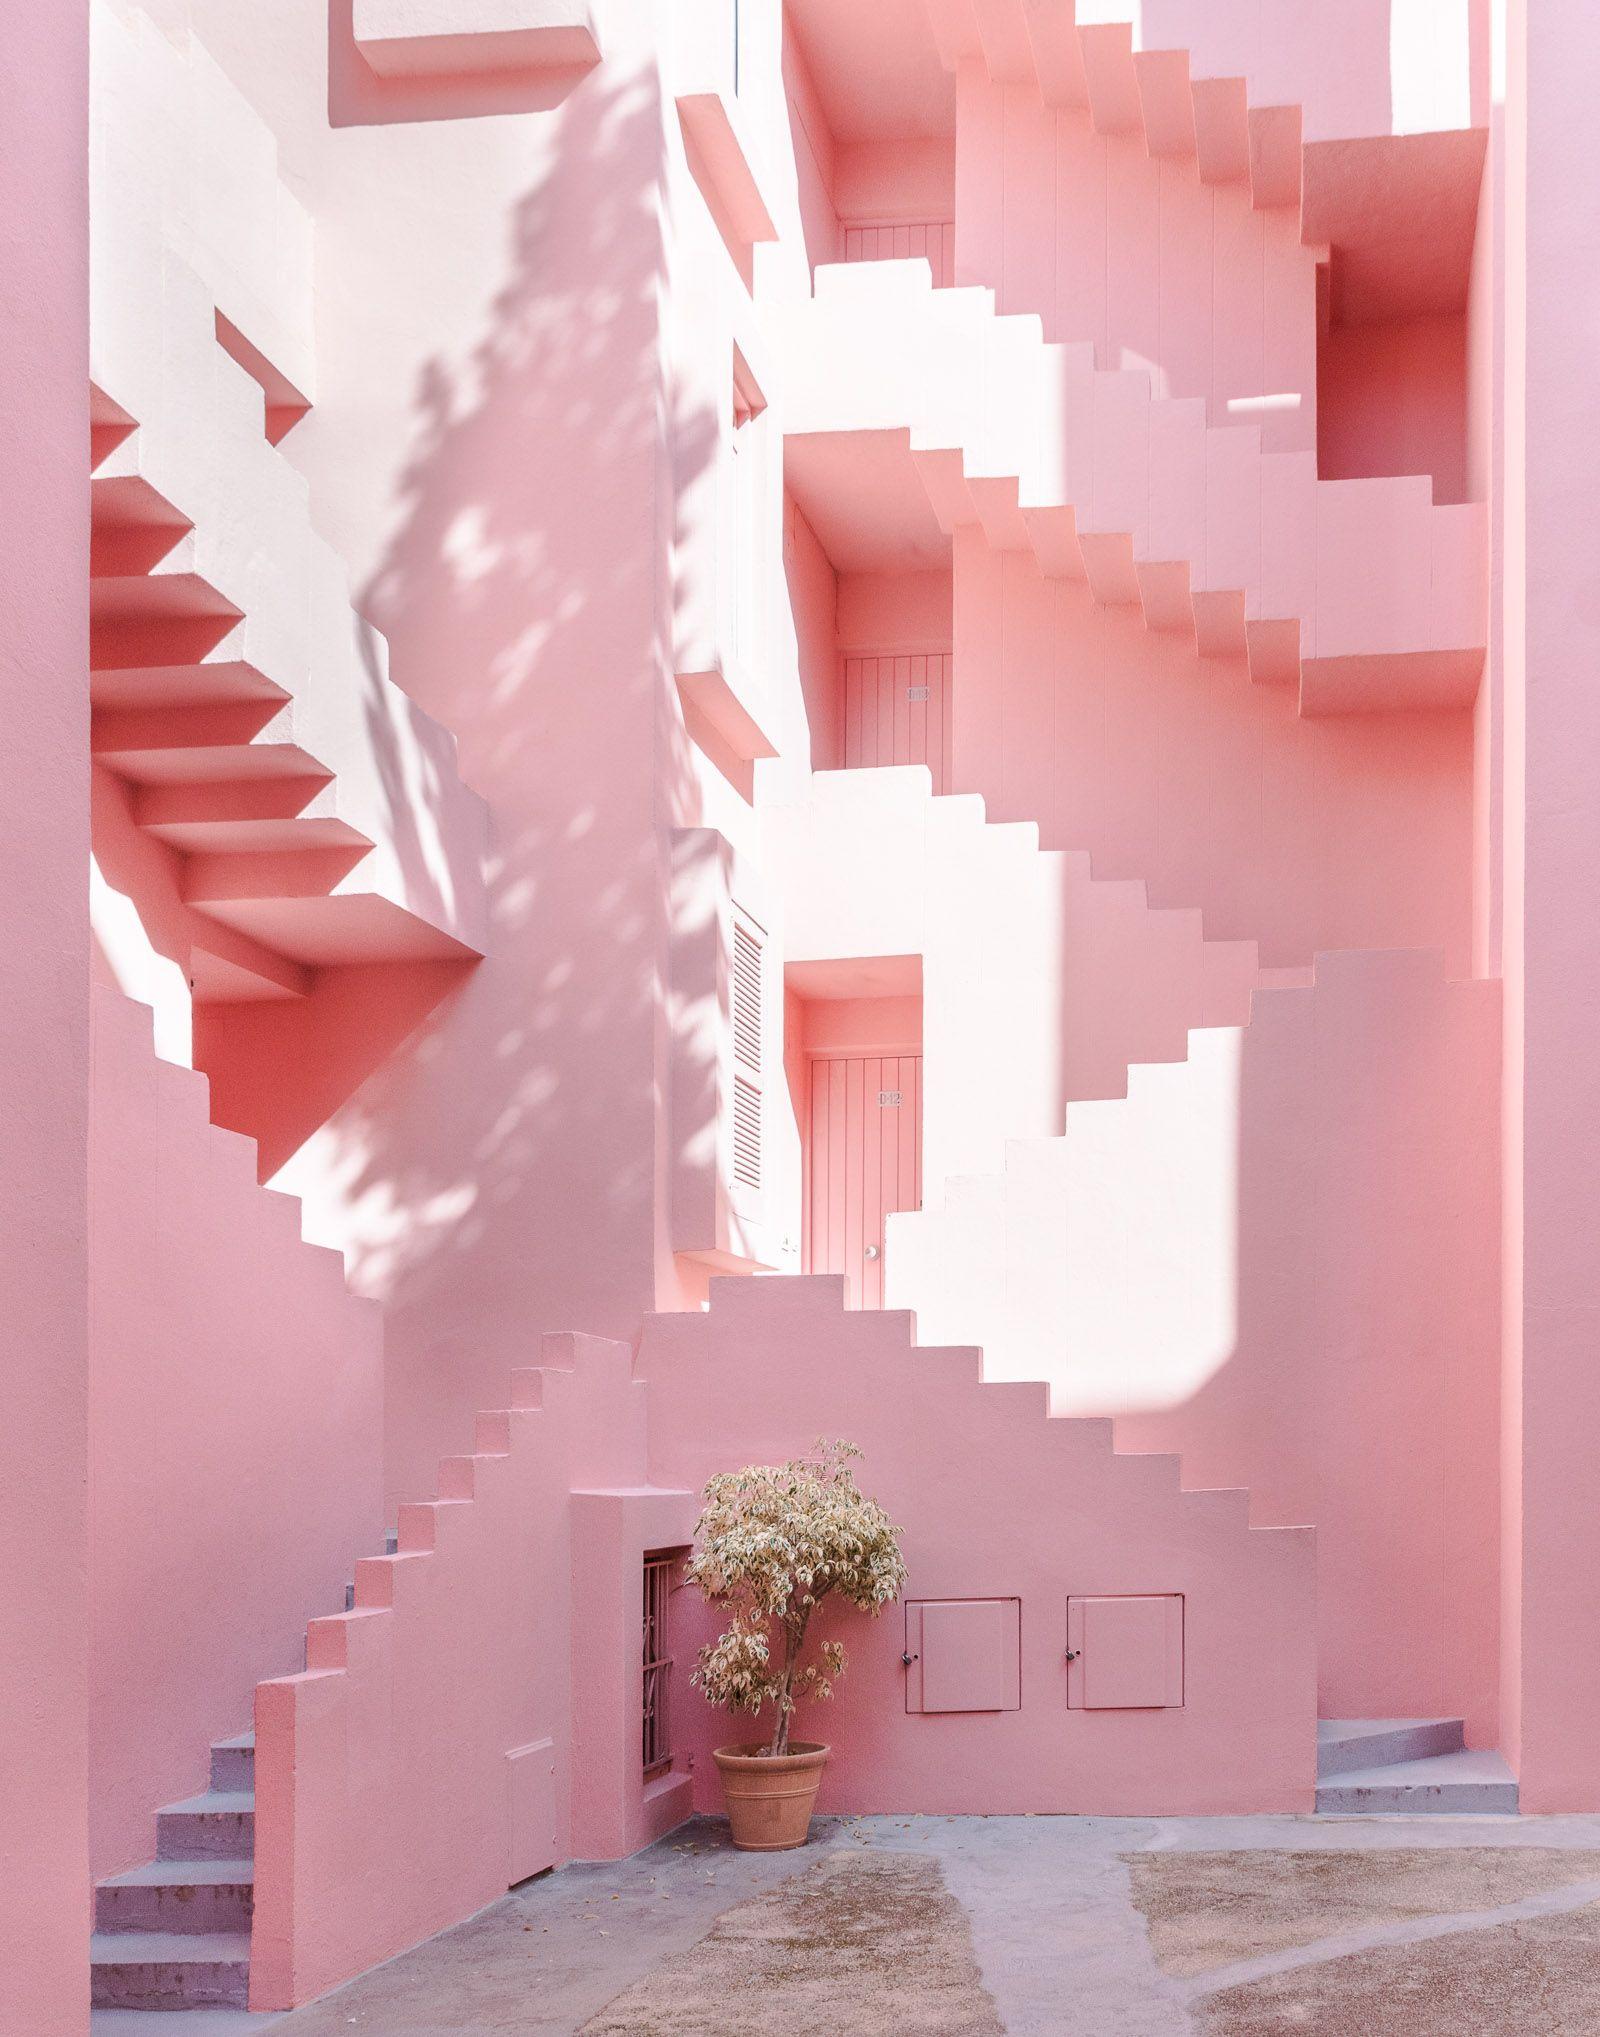 La Muralla Roja - Ricardo Bofill - Calpe, Spain | Places | Pinterest ...